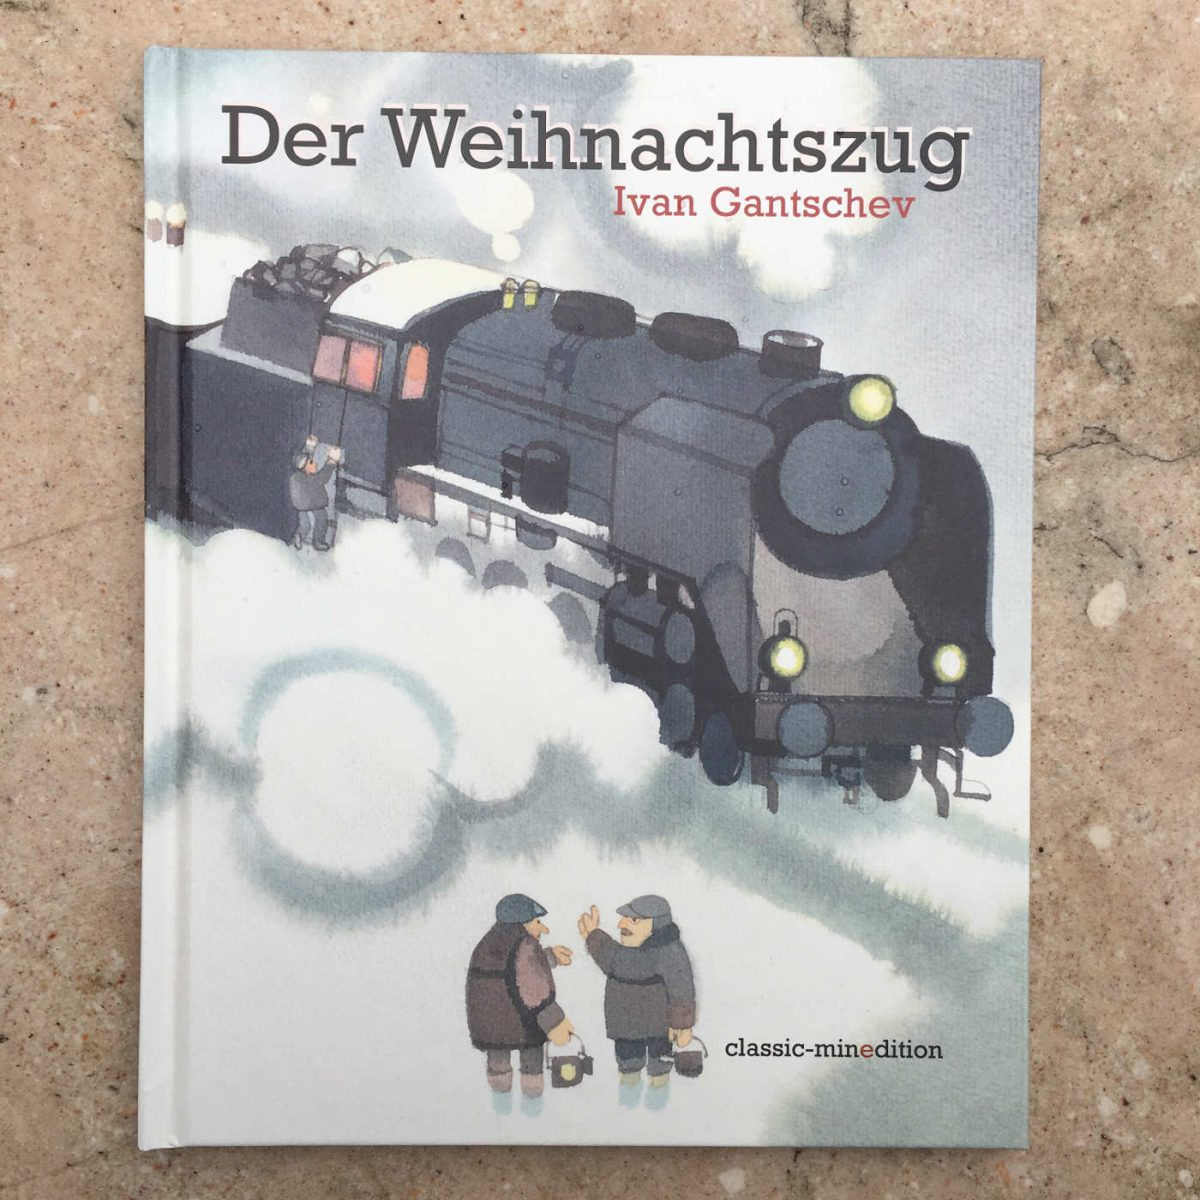 Inspirierende Weihnachtsgeschichte von Ivan Gantschev: Der Weihnachtszug